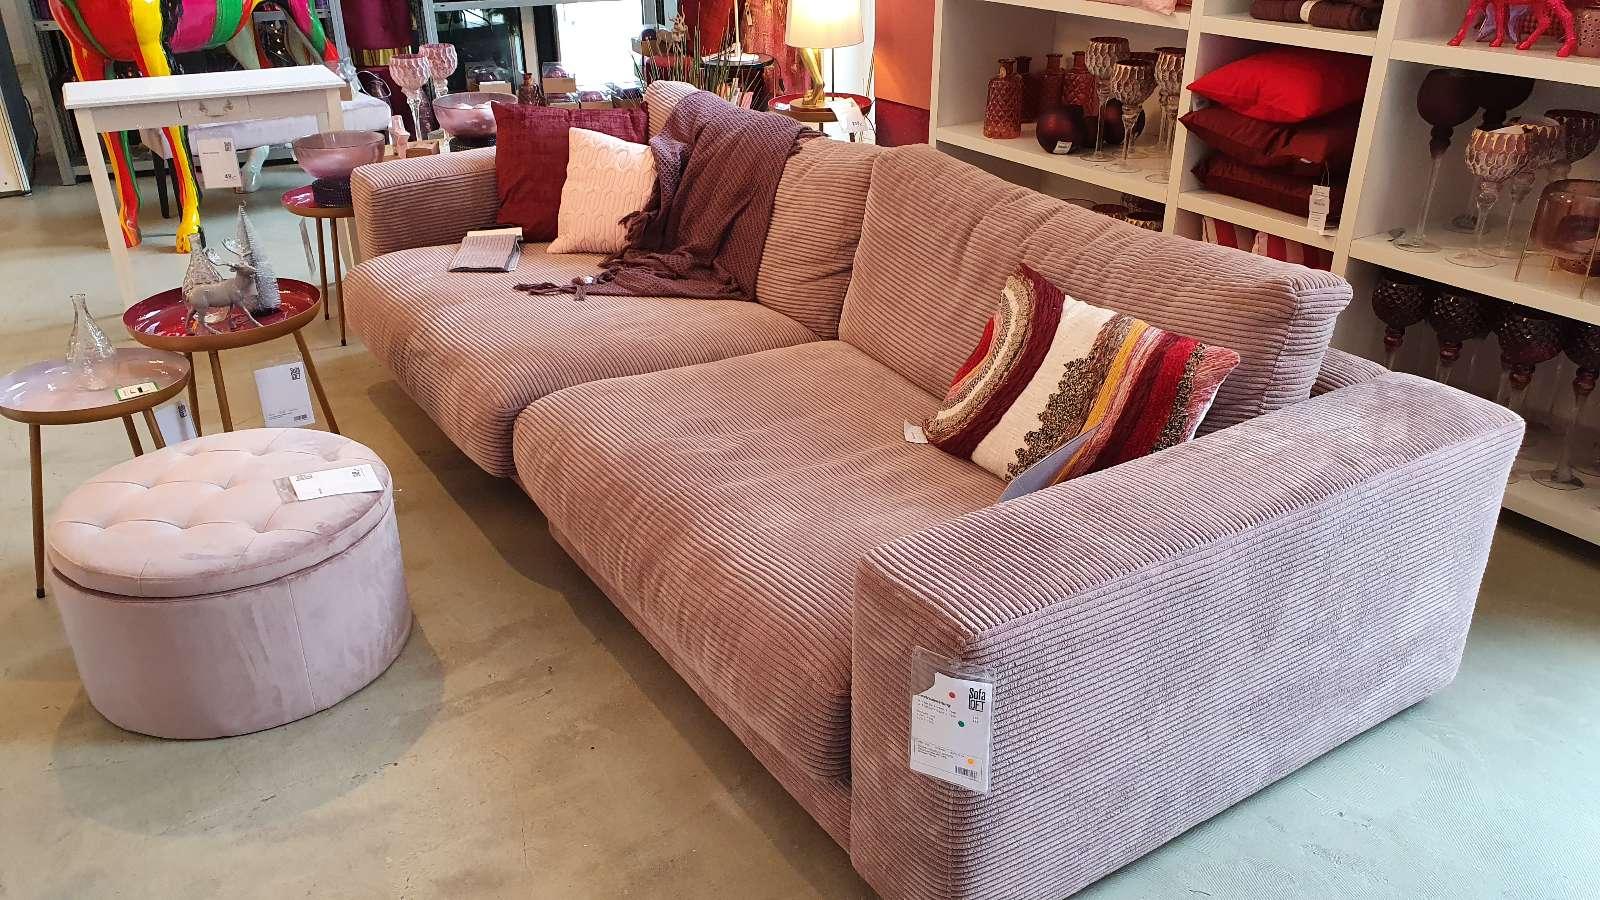 Sofa Loft – Cordsofa altrosa, 290cm x 127cm (ACHTUNG: NUR BESTELLUNG MÖGLICH!!) Lieferzeiten 12-14 Wochen